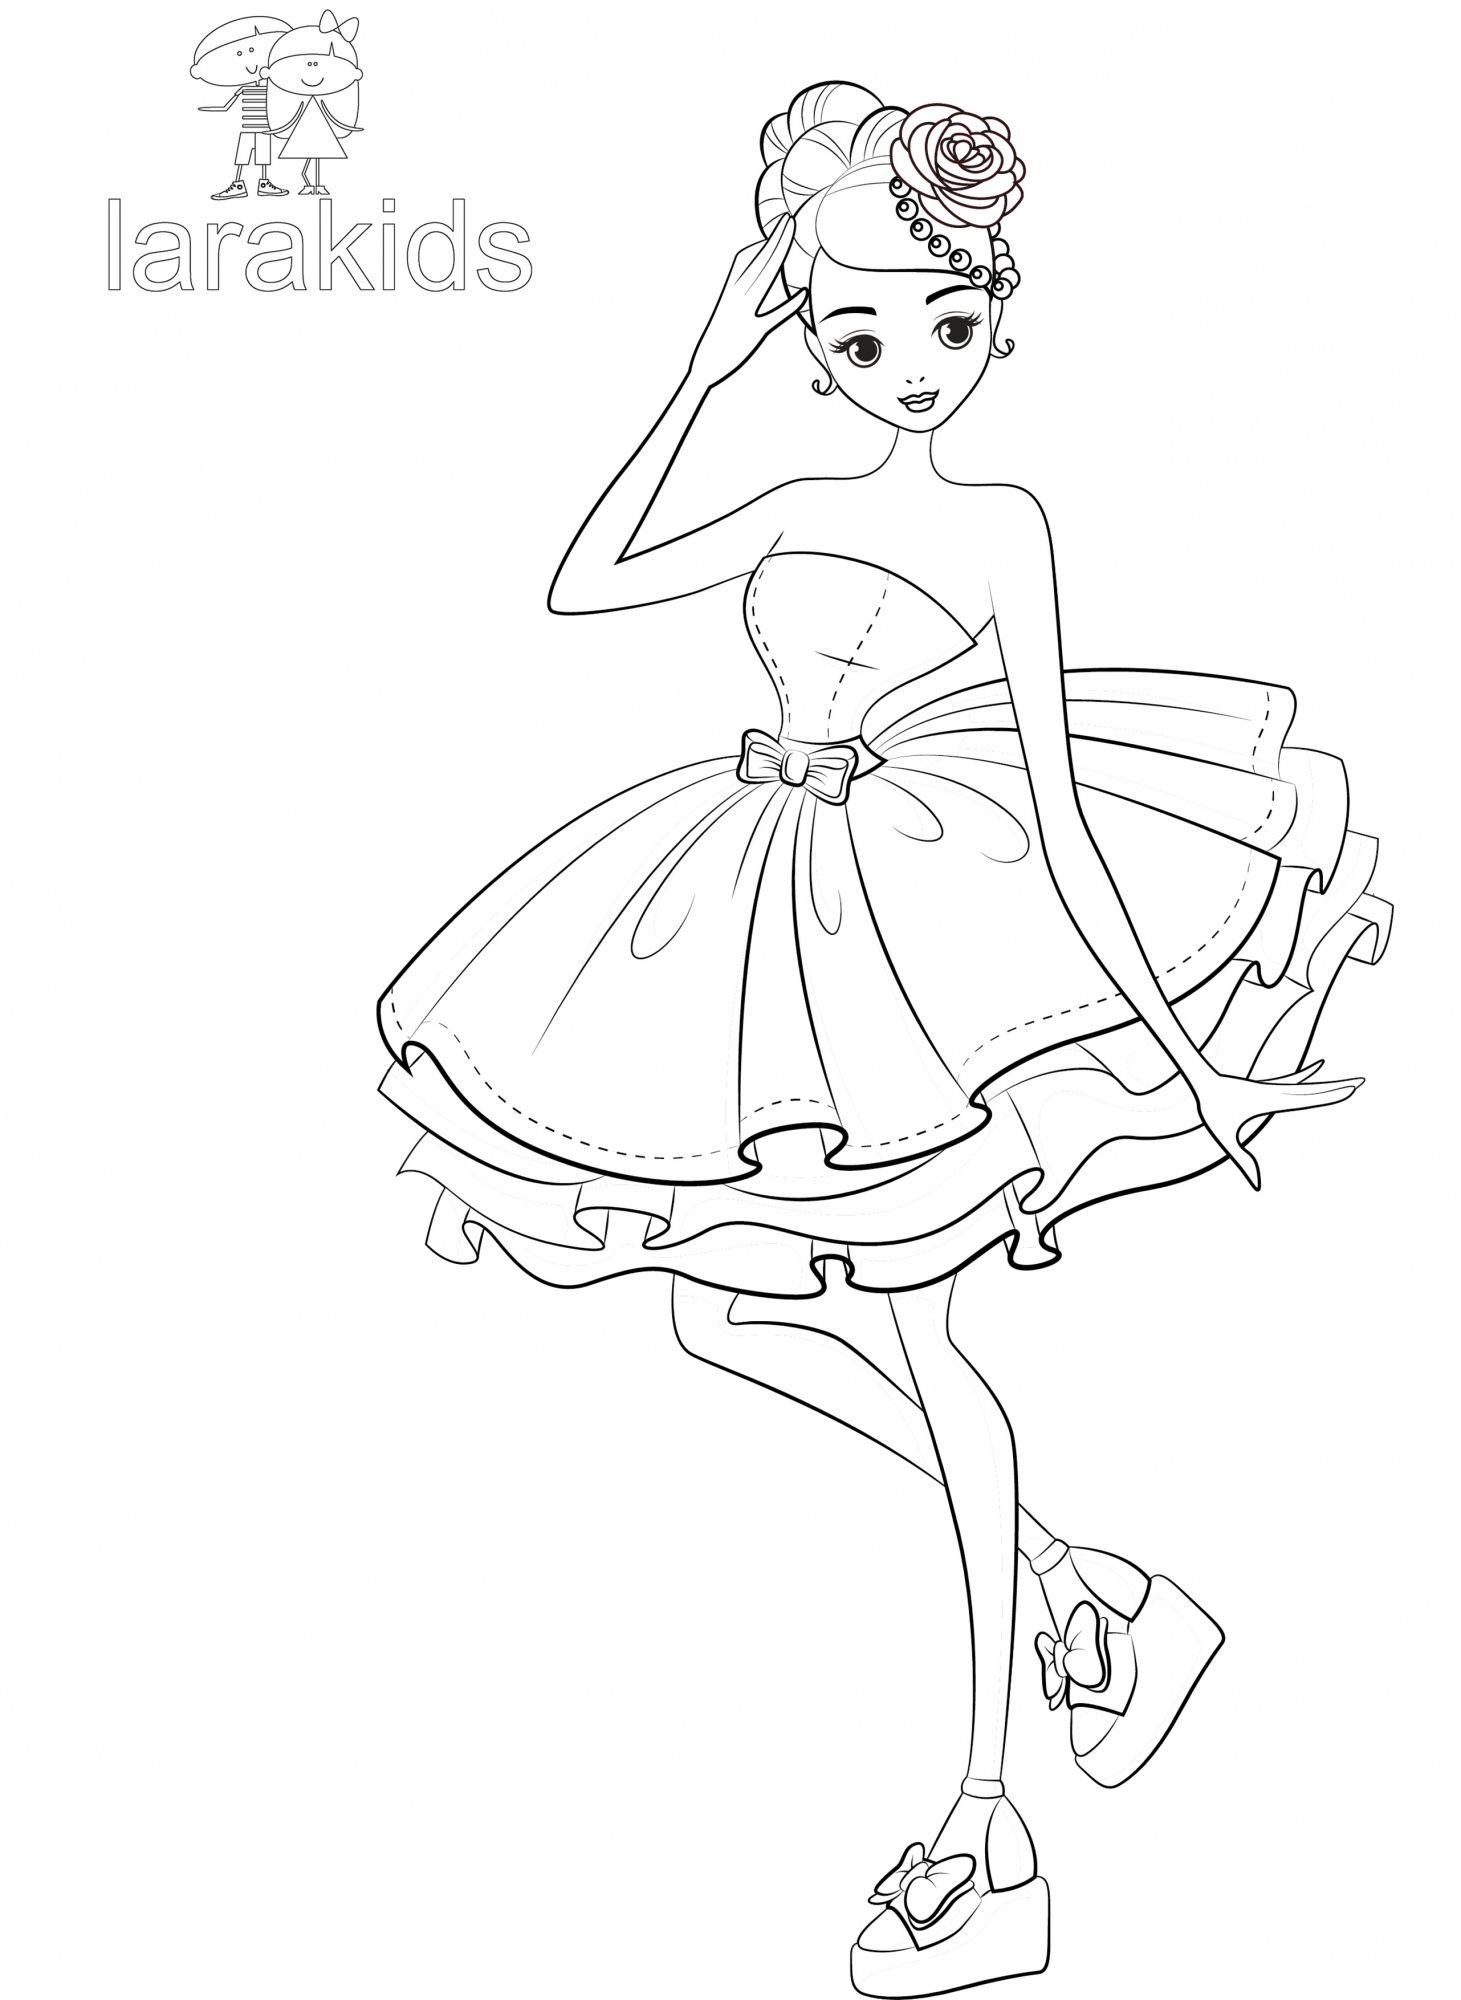 Ausmalbilder Topmodel Malvorlagen : Drucken F Rbung Sonia Rose Im Kurzen Kleid Ausmalbilder Topmodel